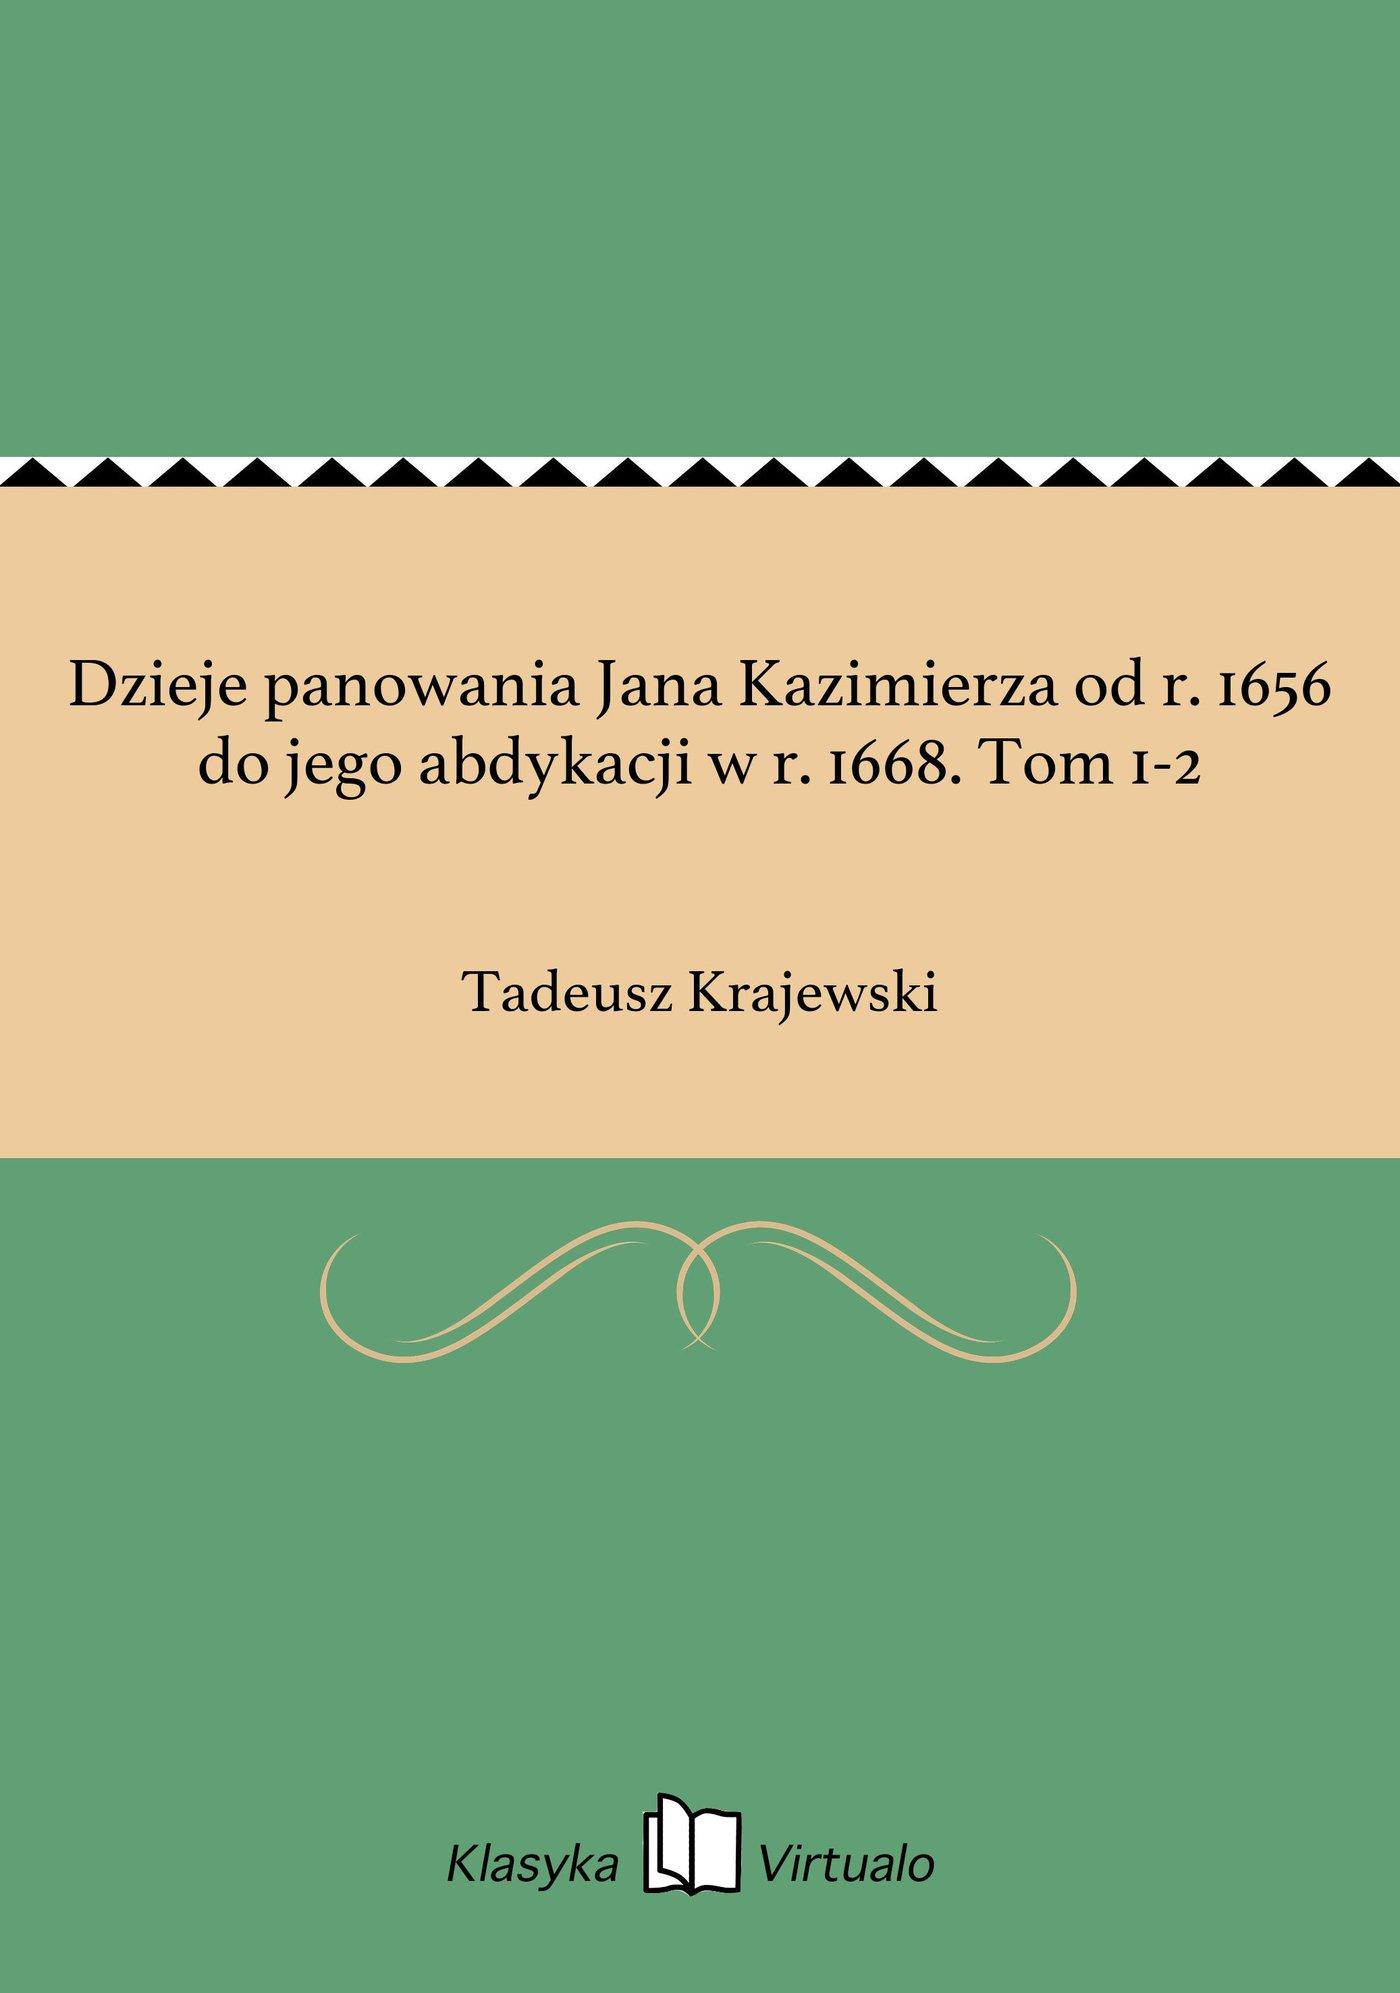 Dzieje panowania Jana Kazimierza od r. 1656 do jego abdykacji w r. 1668. Tom 1-2 - Ebook (Książka EPUB) do pobrania w formacie EPUB